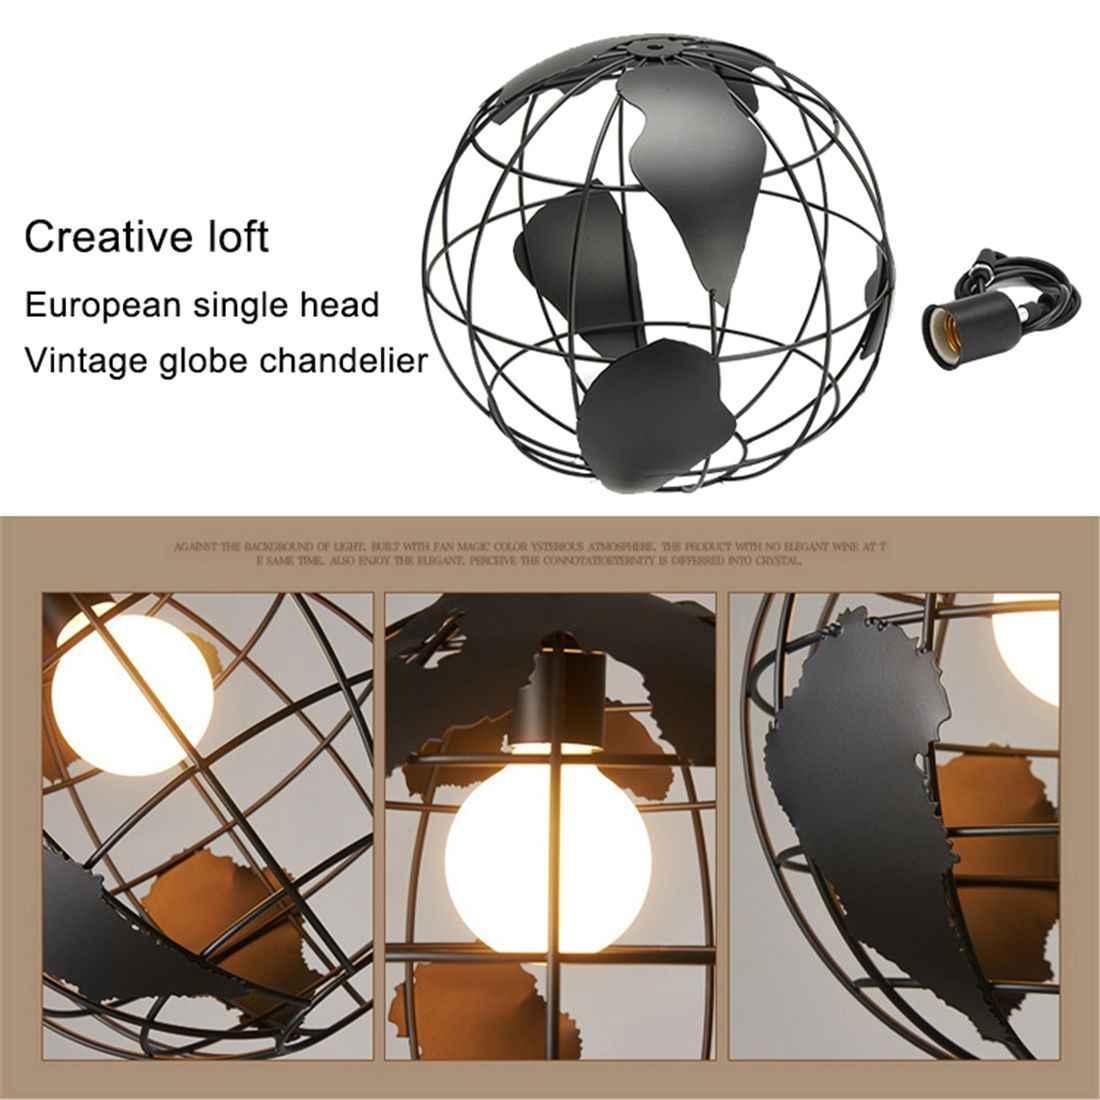 黒クリエイティブロフトコンチネンタルシングルレトログローブシャンデリア近代メタリックラウンジカジュアル天井ランプ